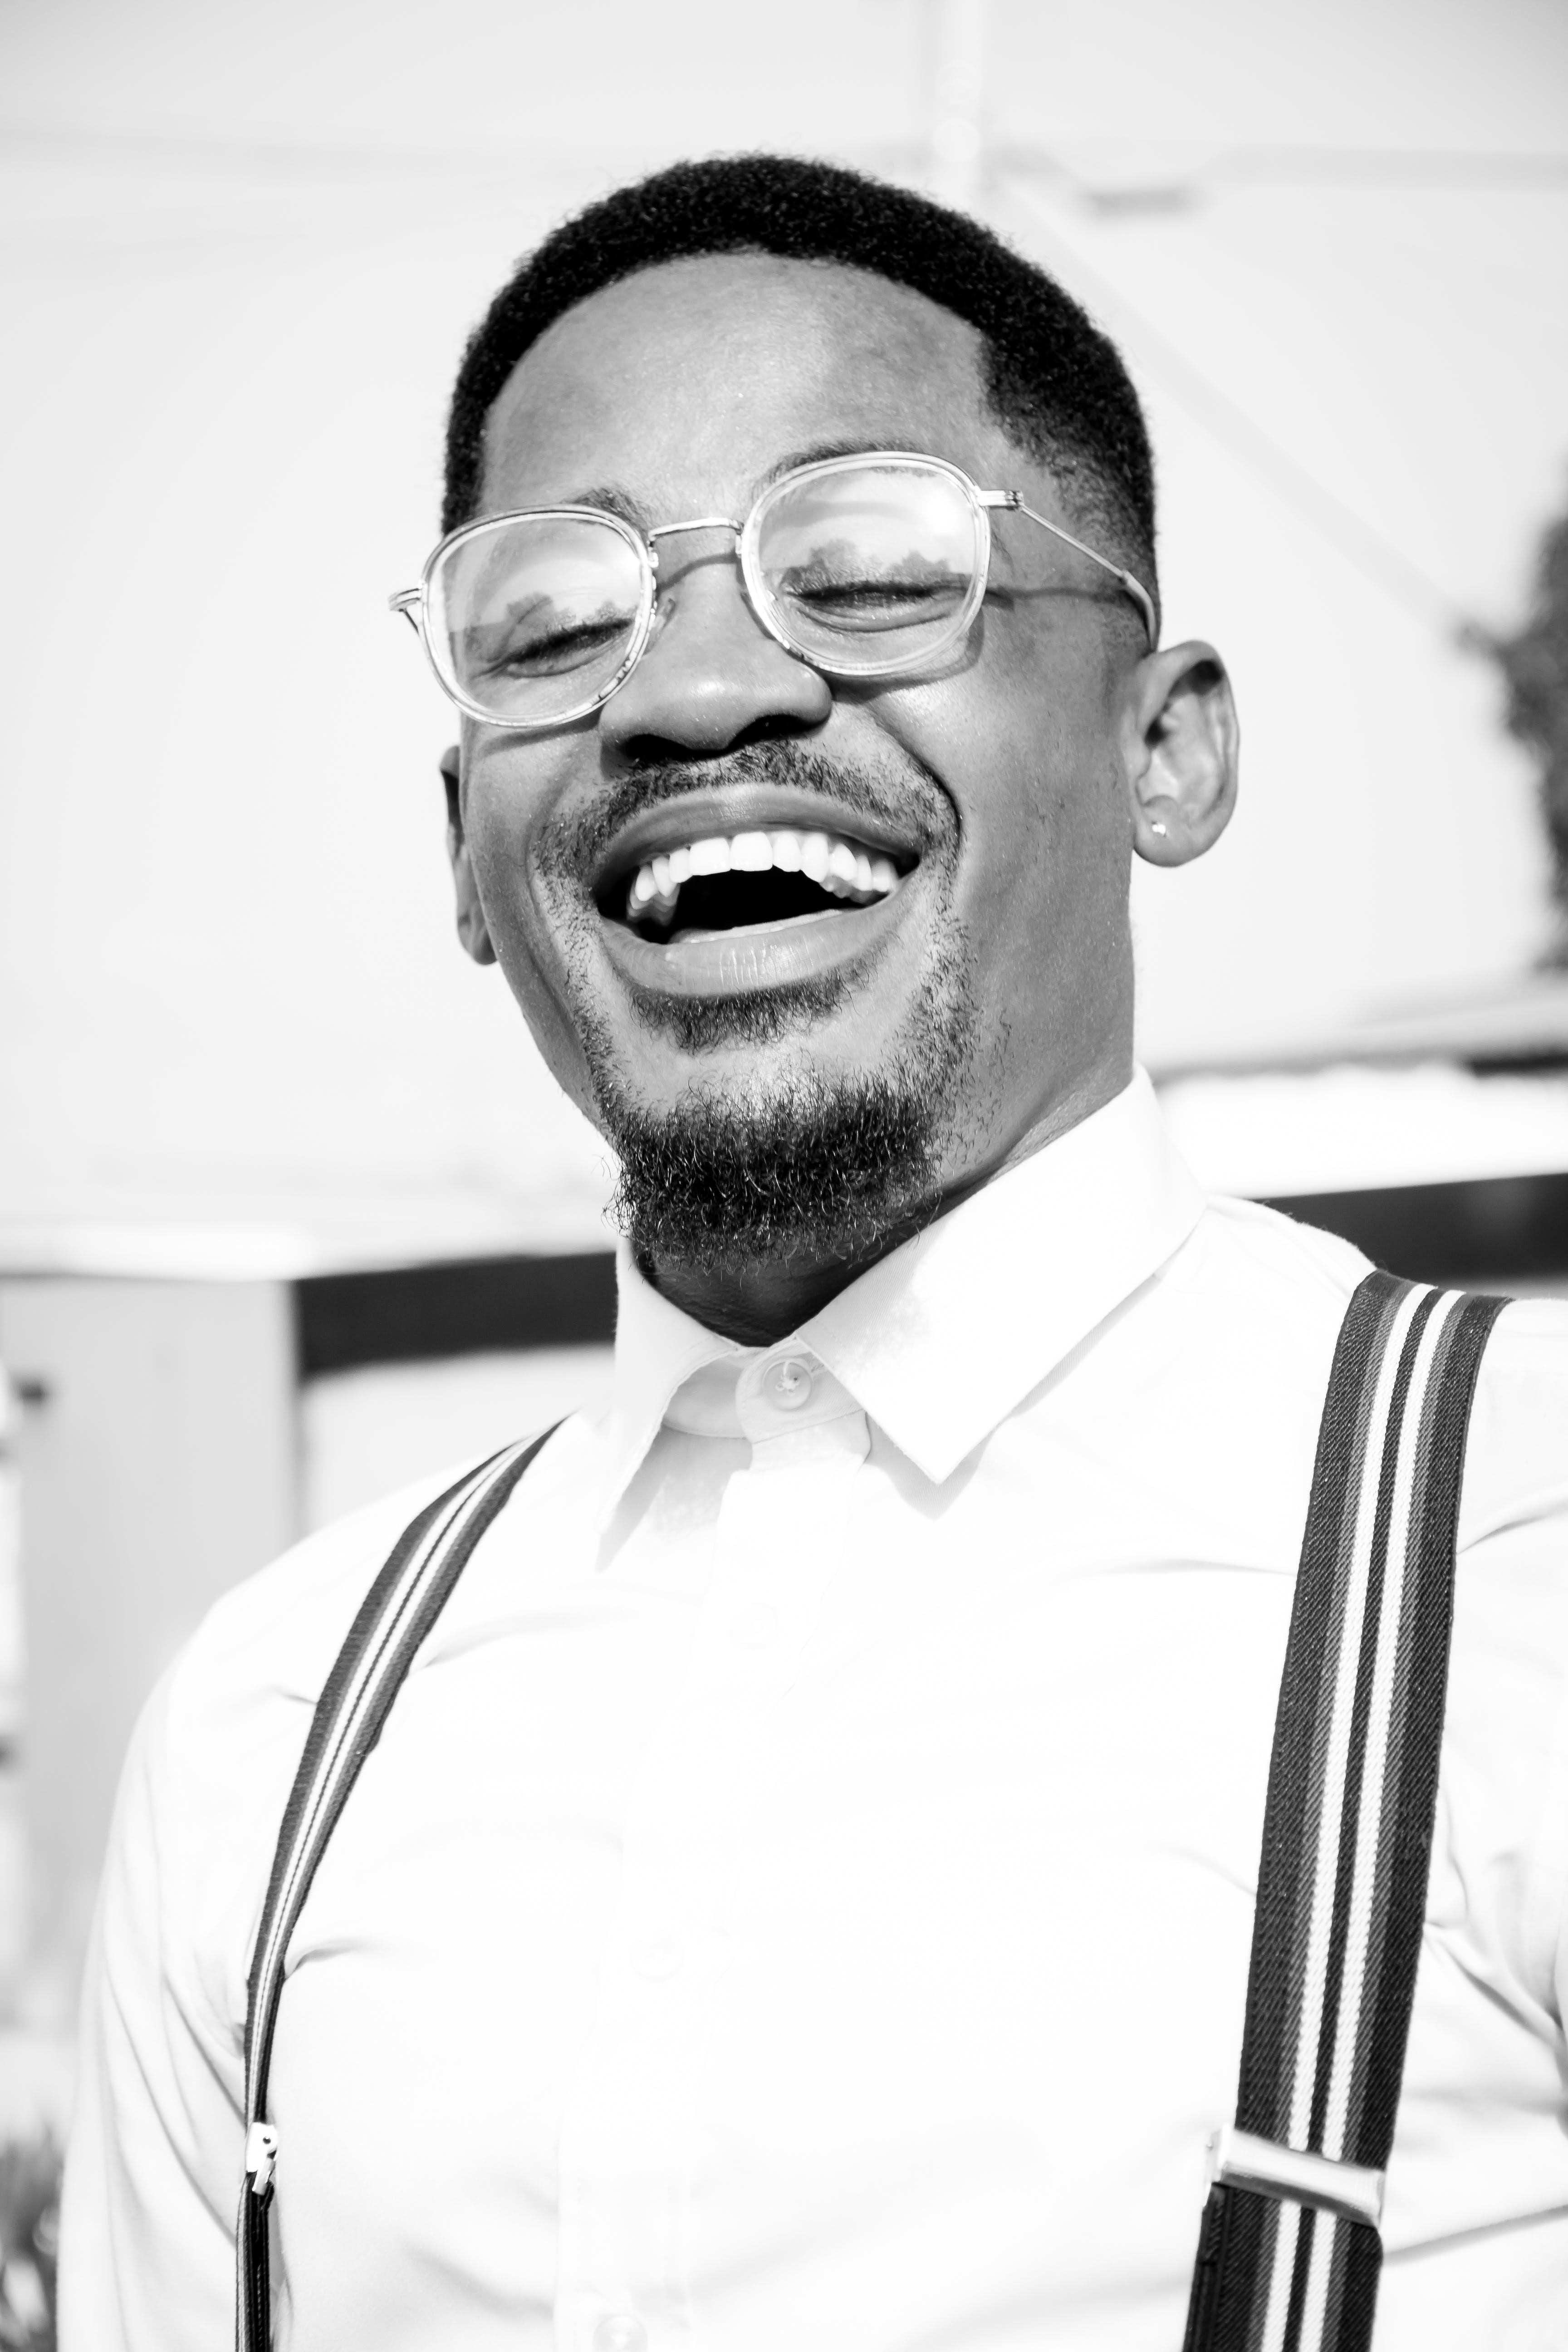 Kostenloses Stock Foto zu afroamerikanischer mann, brille, brillen, gesichtsausdruck